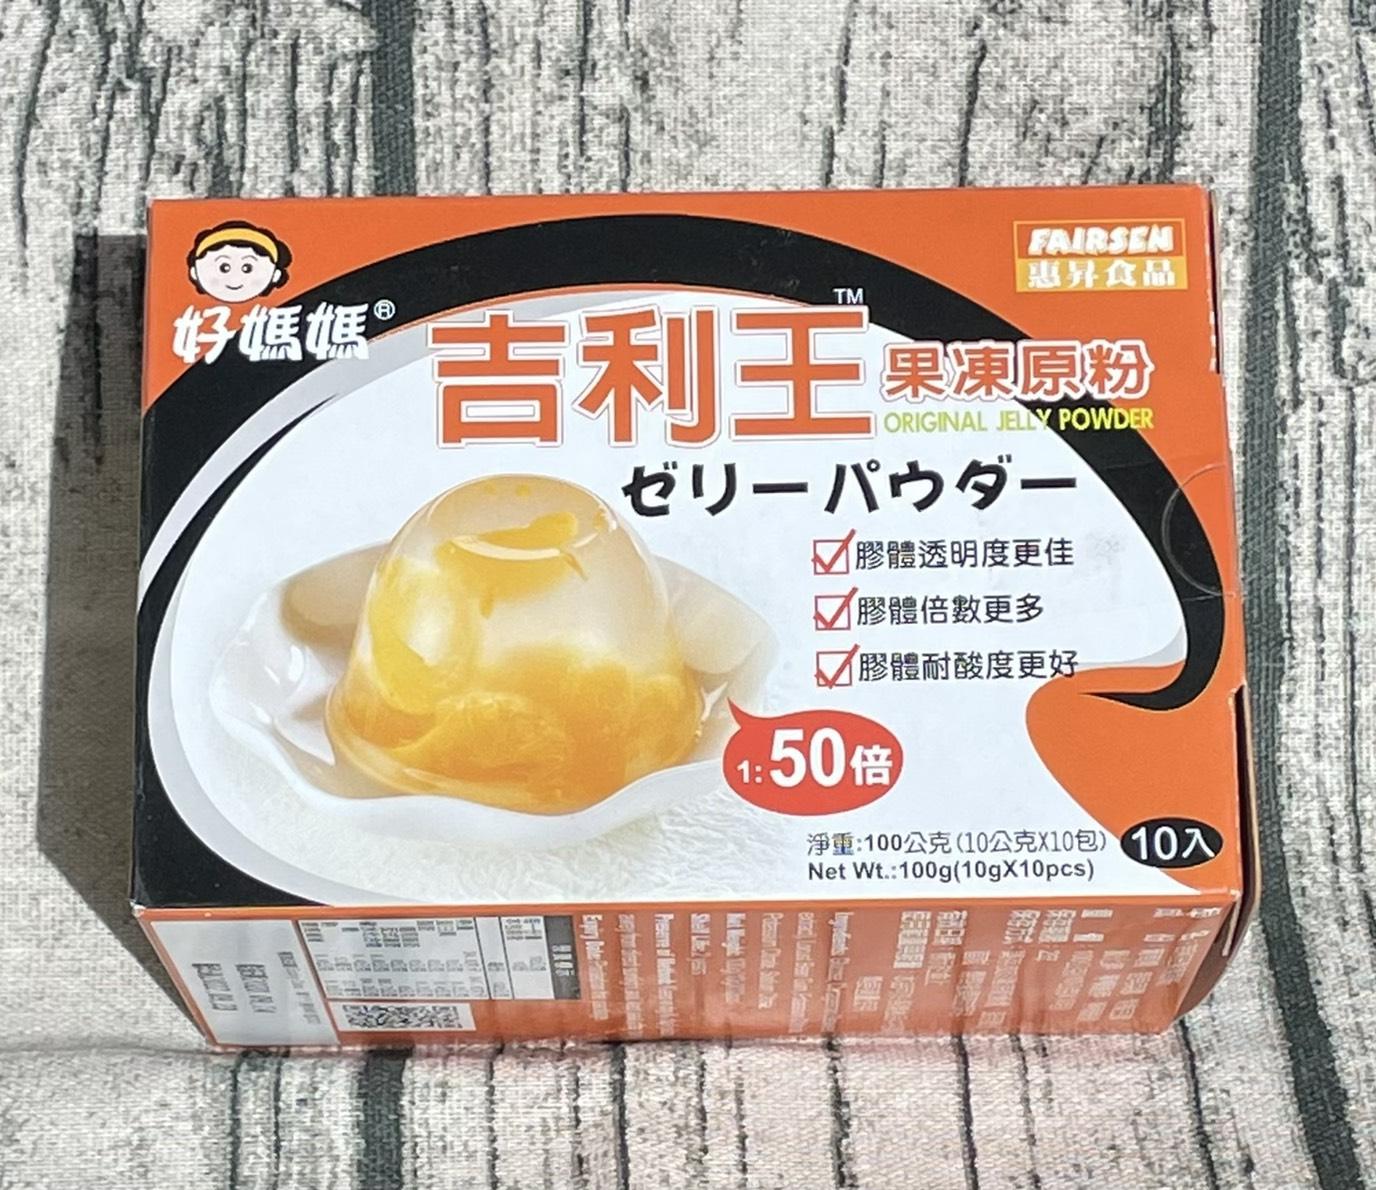 好媽媽-吉利王果凍原粉/(10g)10入